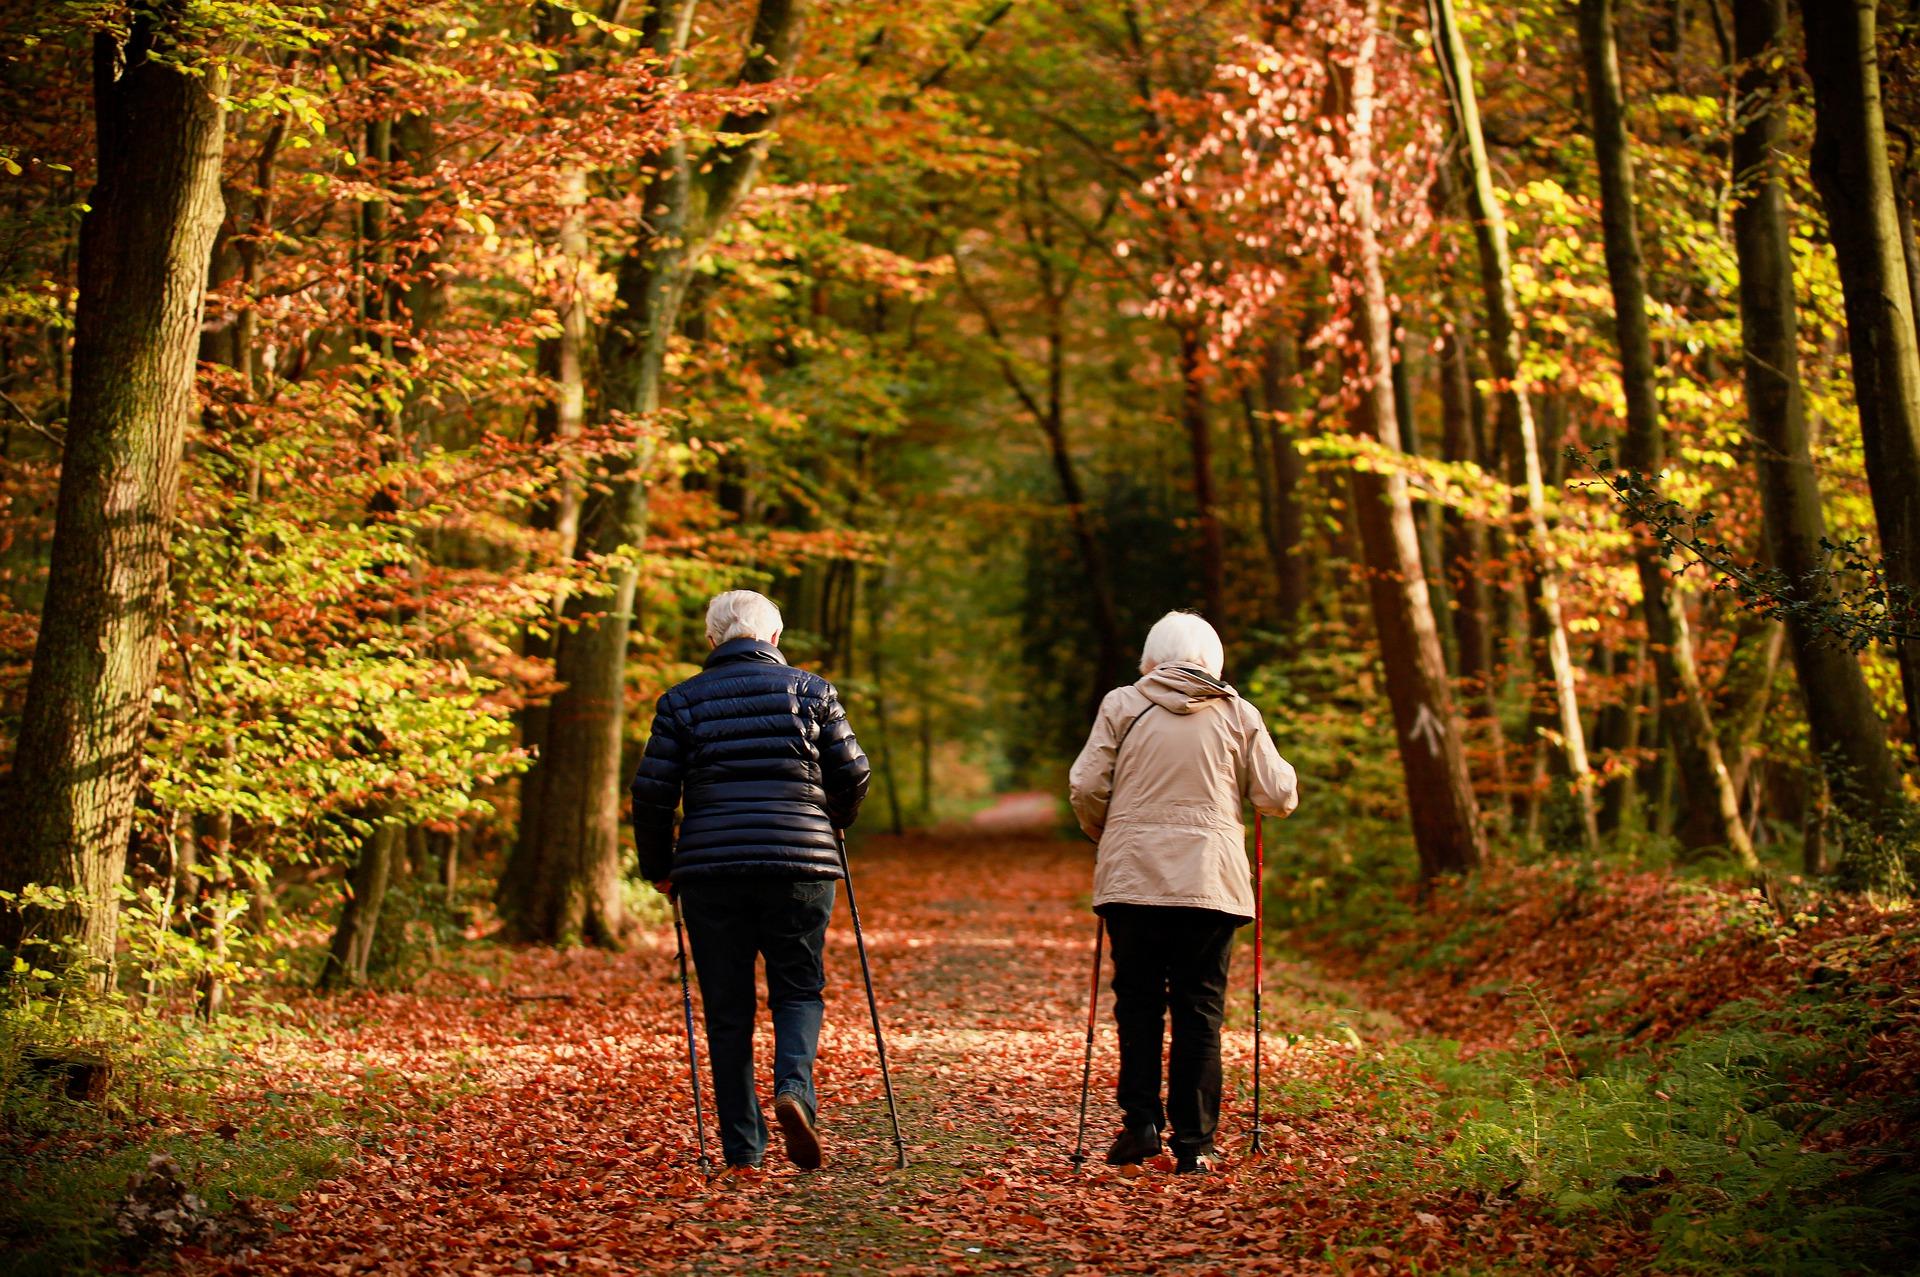 El Senado Estudia El Proceso De Envejecimiento En España